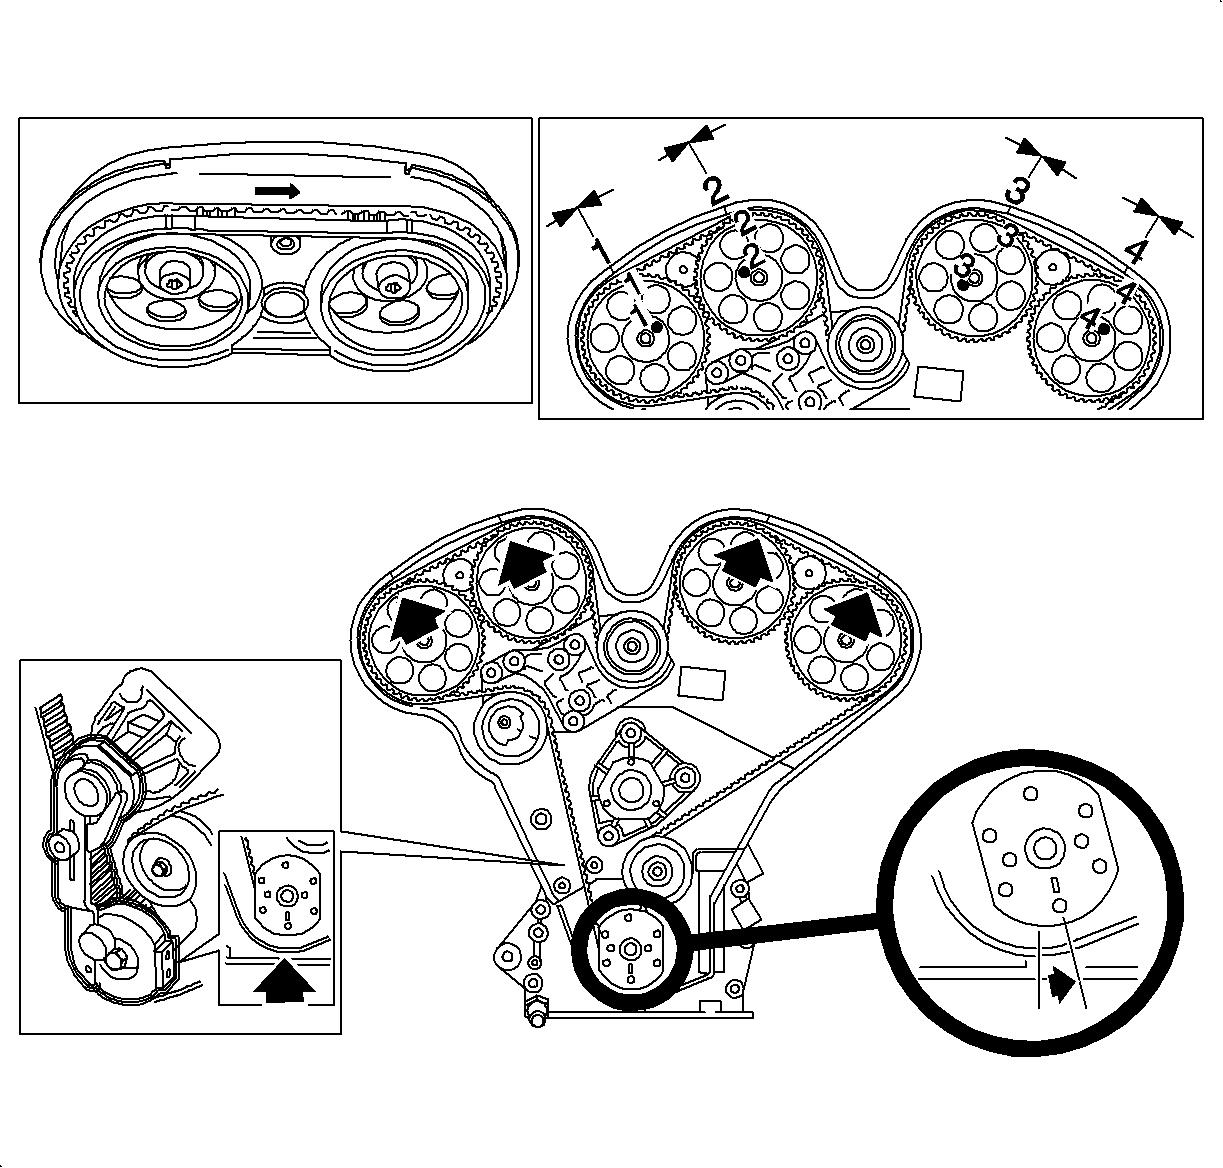 vue saturn 3 0 Diagrama del motor